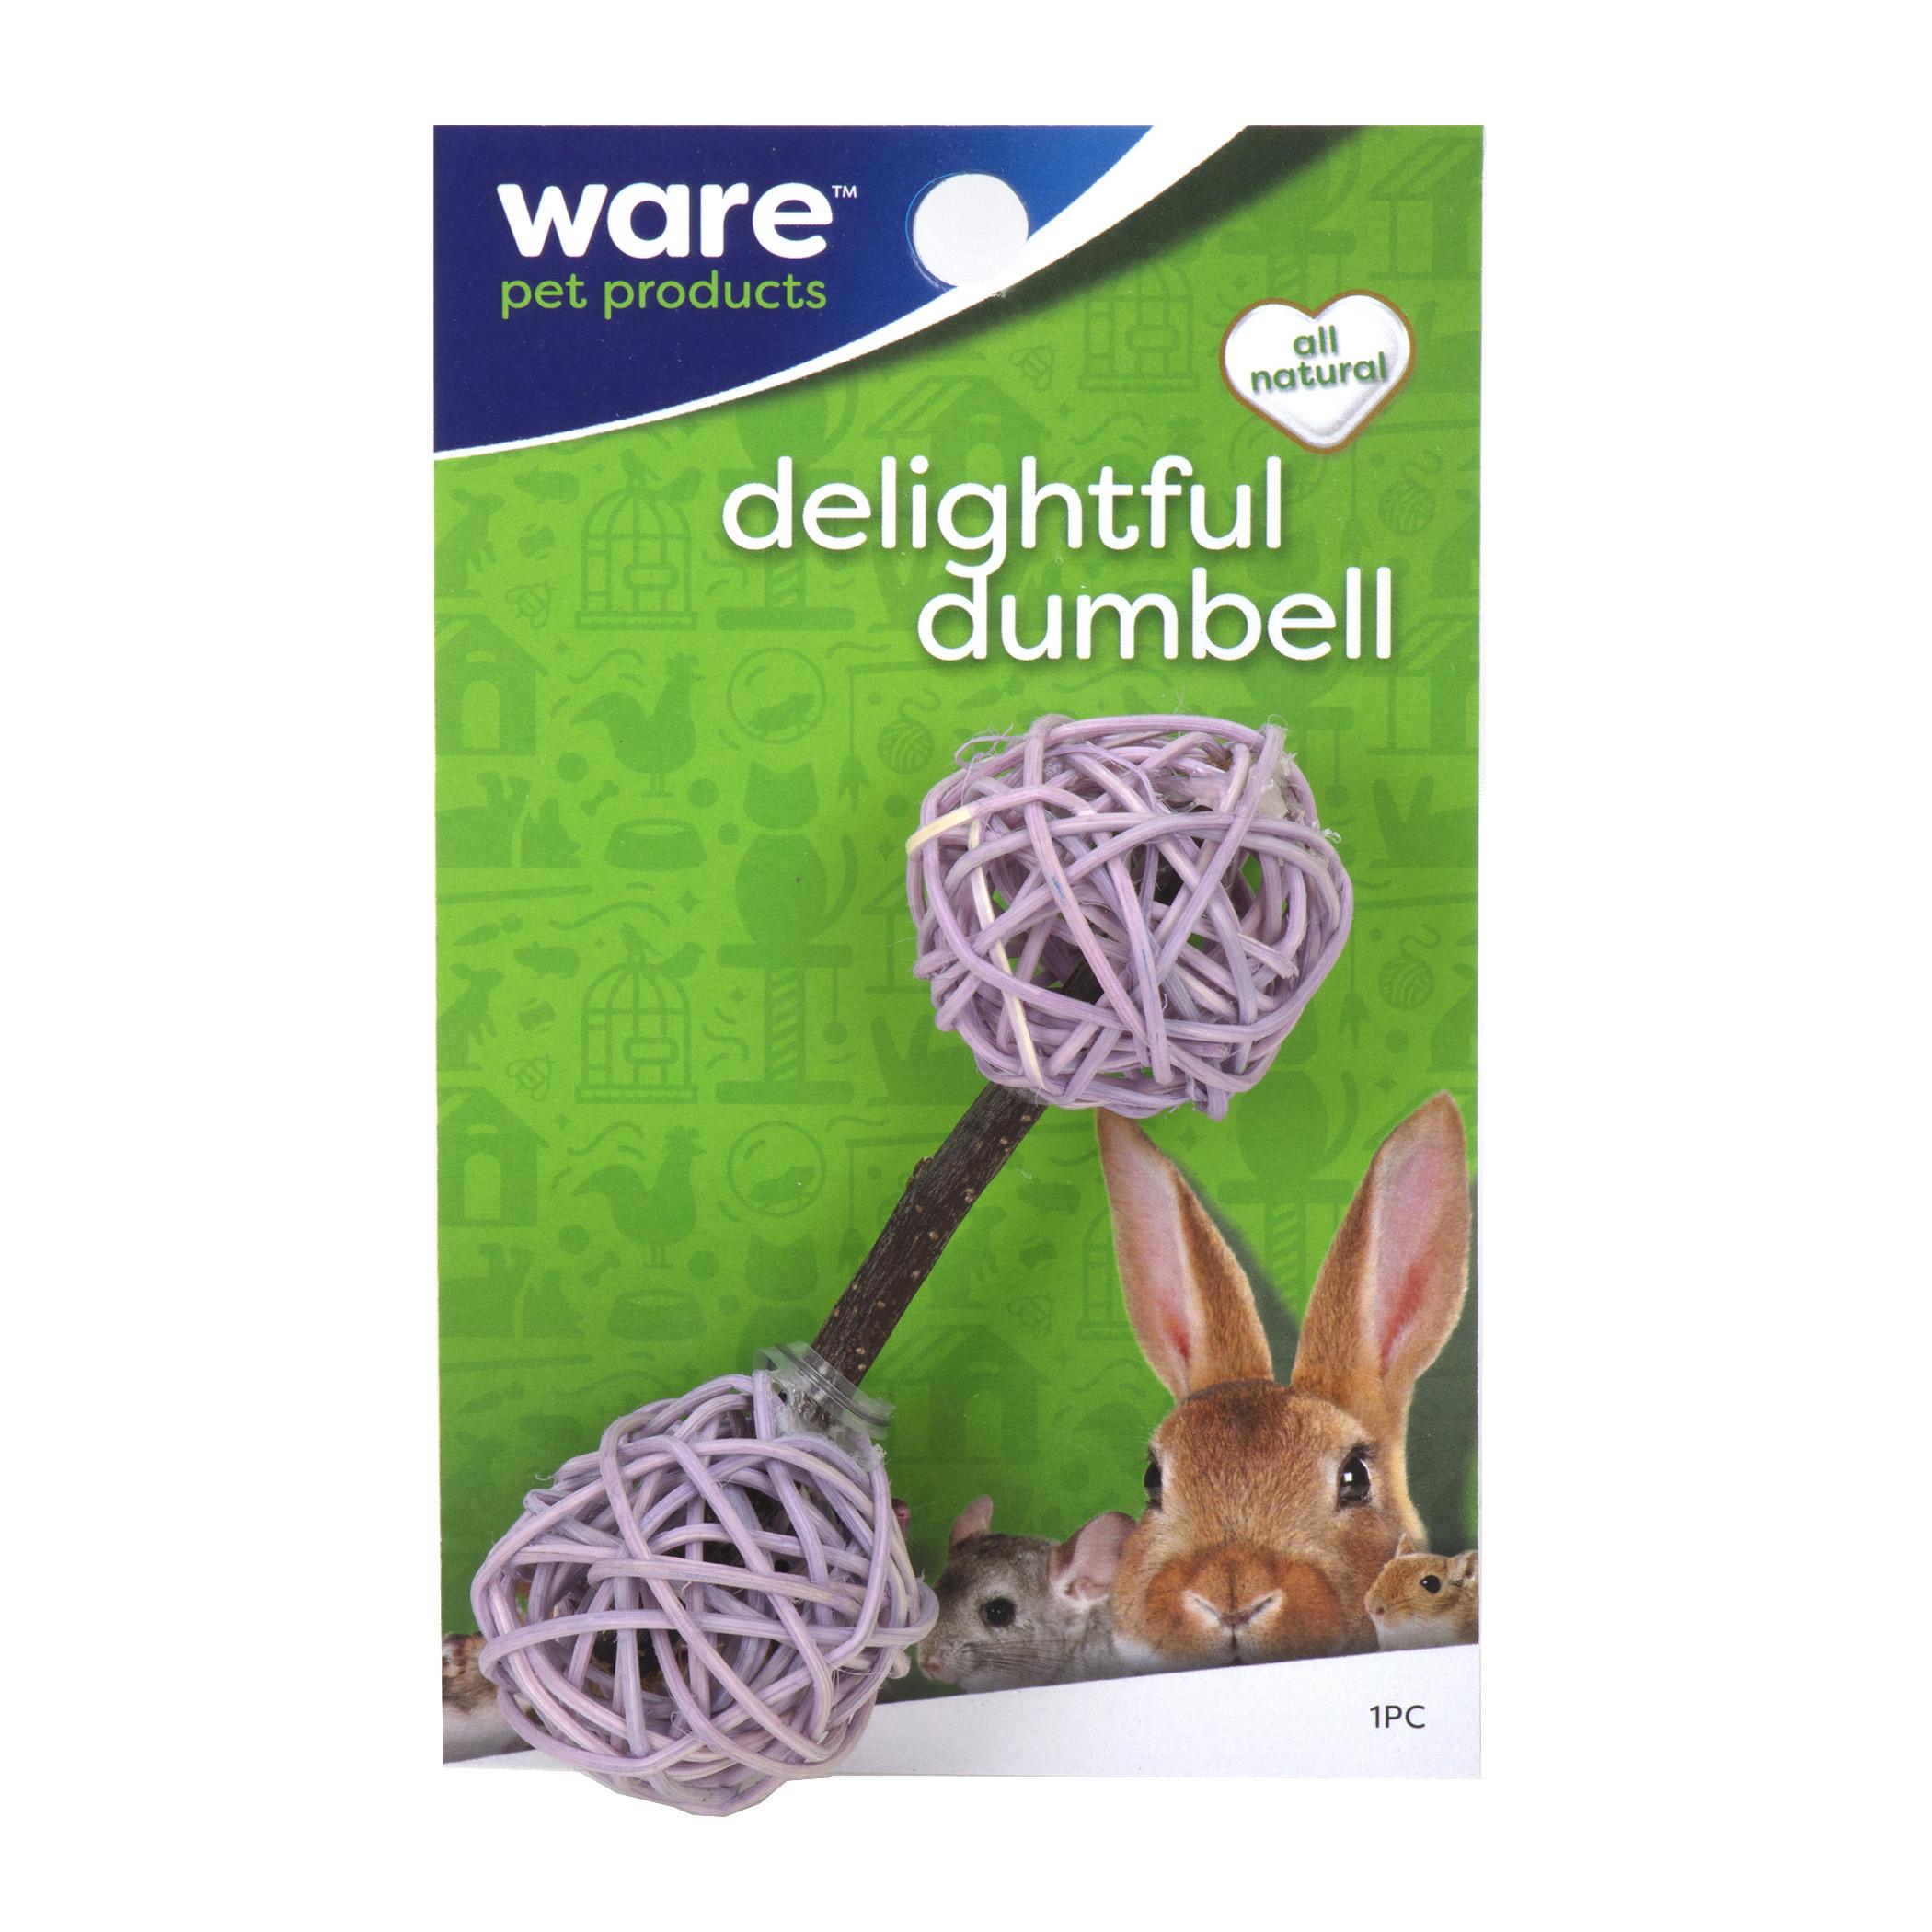 Delightful Dumbbell